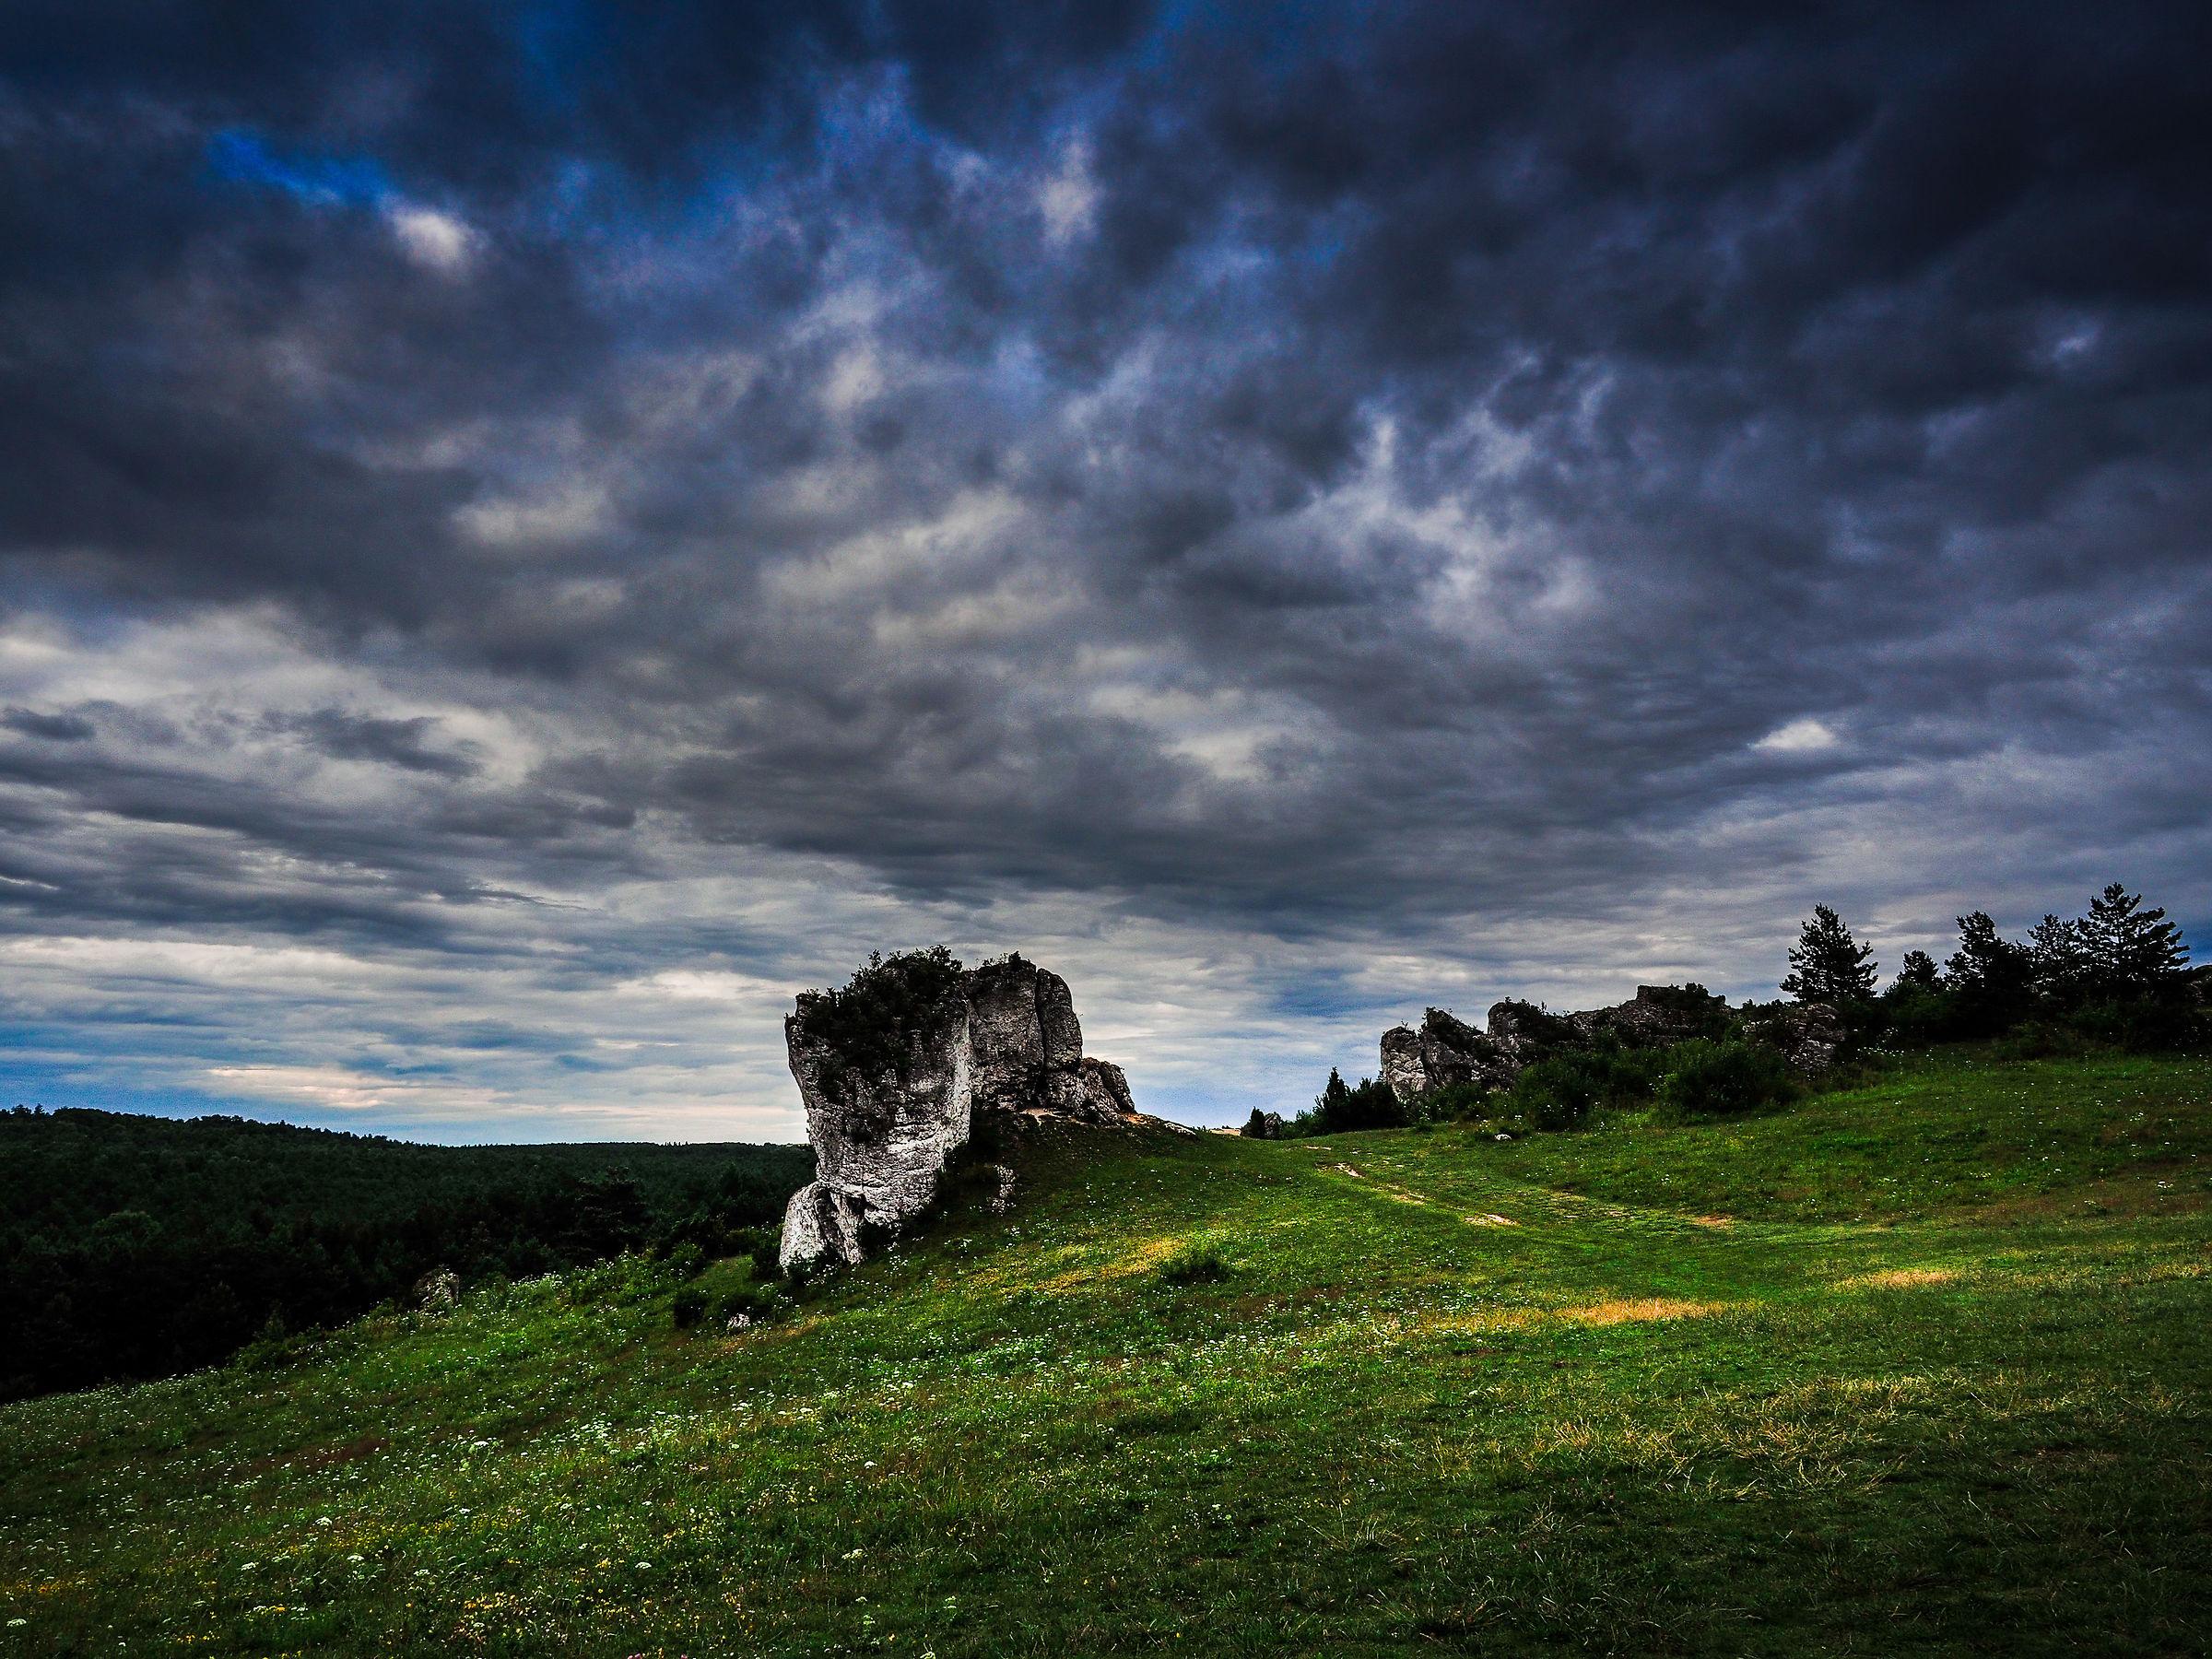 Jurasic landscape...